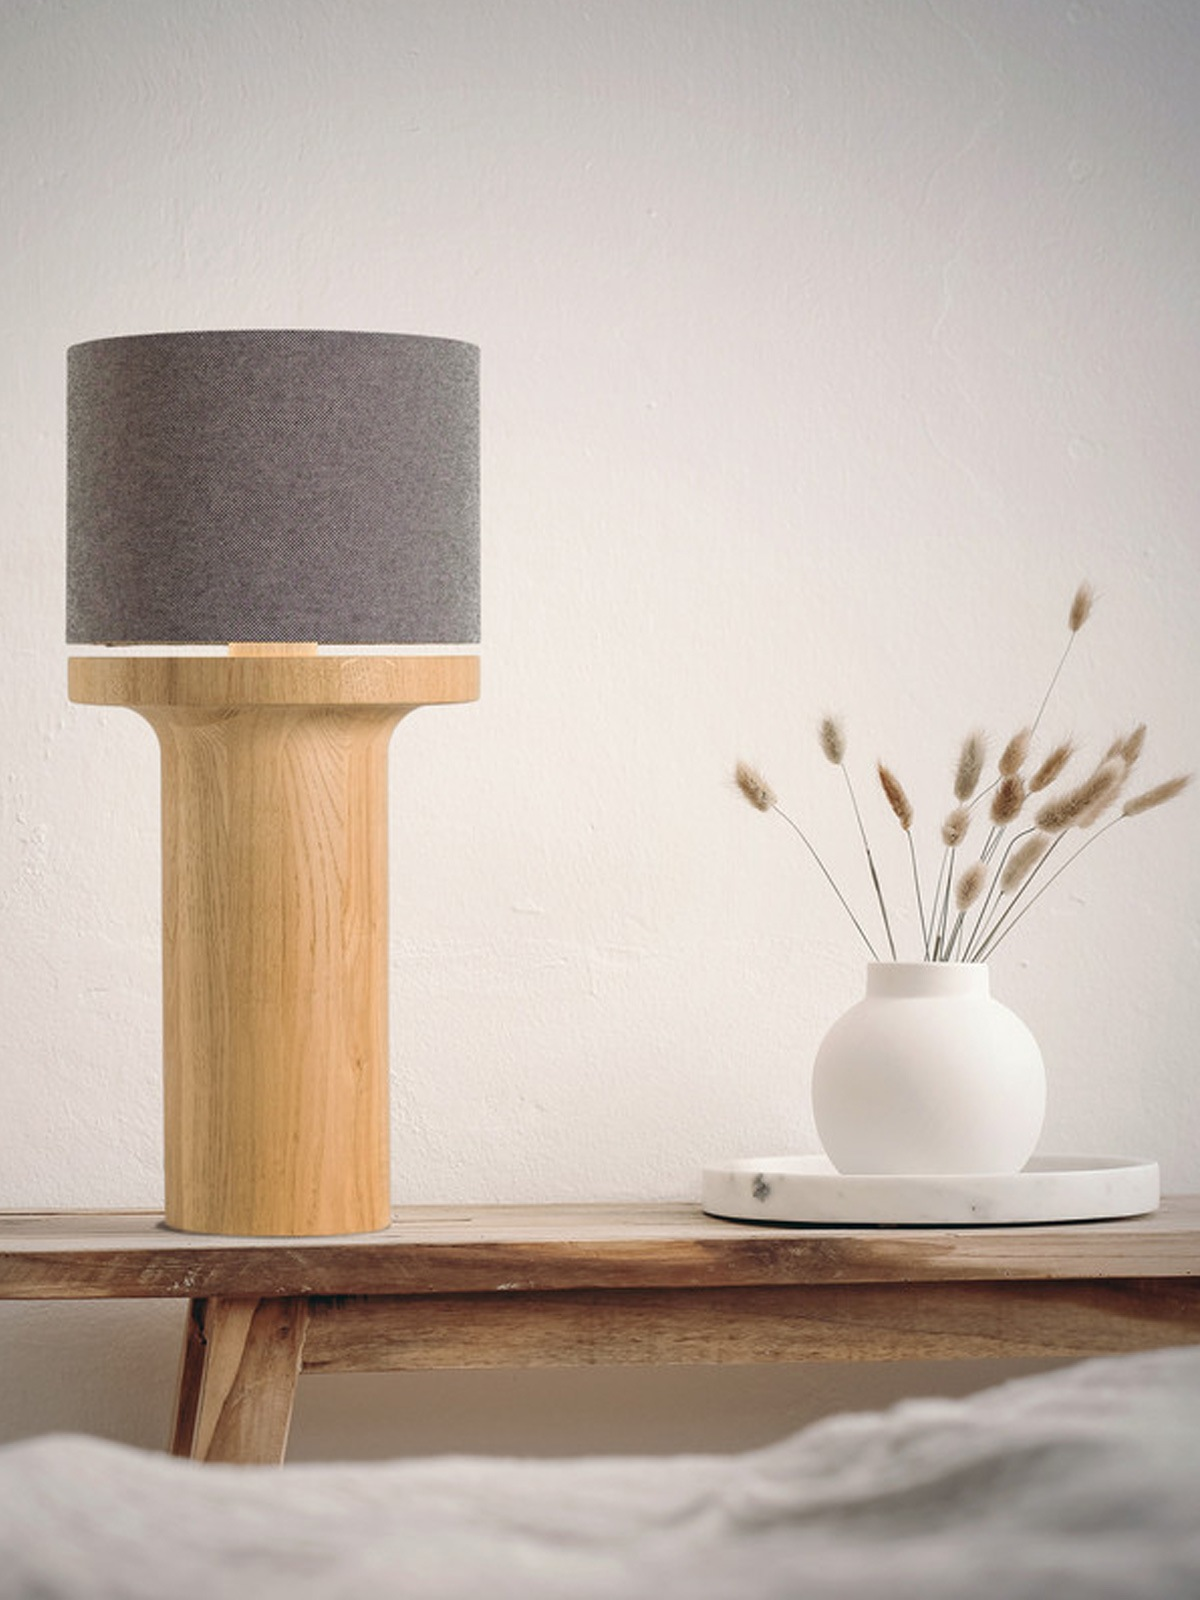 Tischlampen mit Textilschirm - Domus TINTIN Tisch Lampe DesignOrt Onlineshop Leuchten Berlin